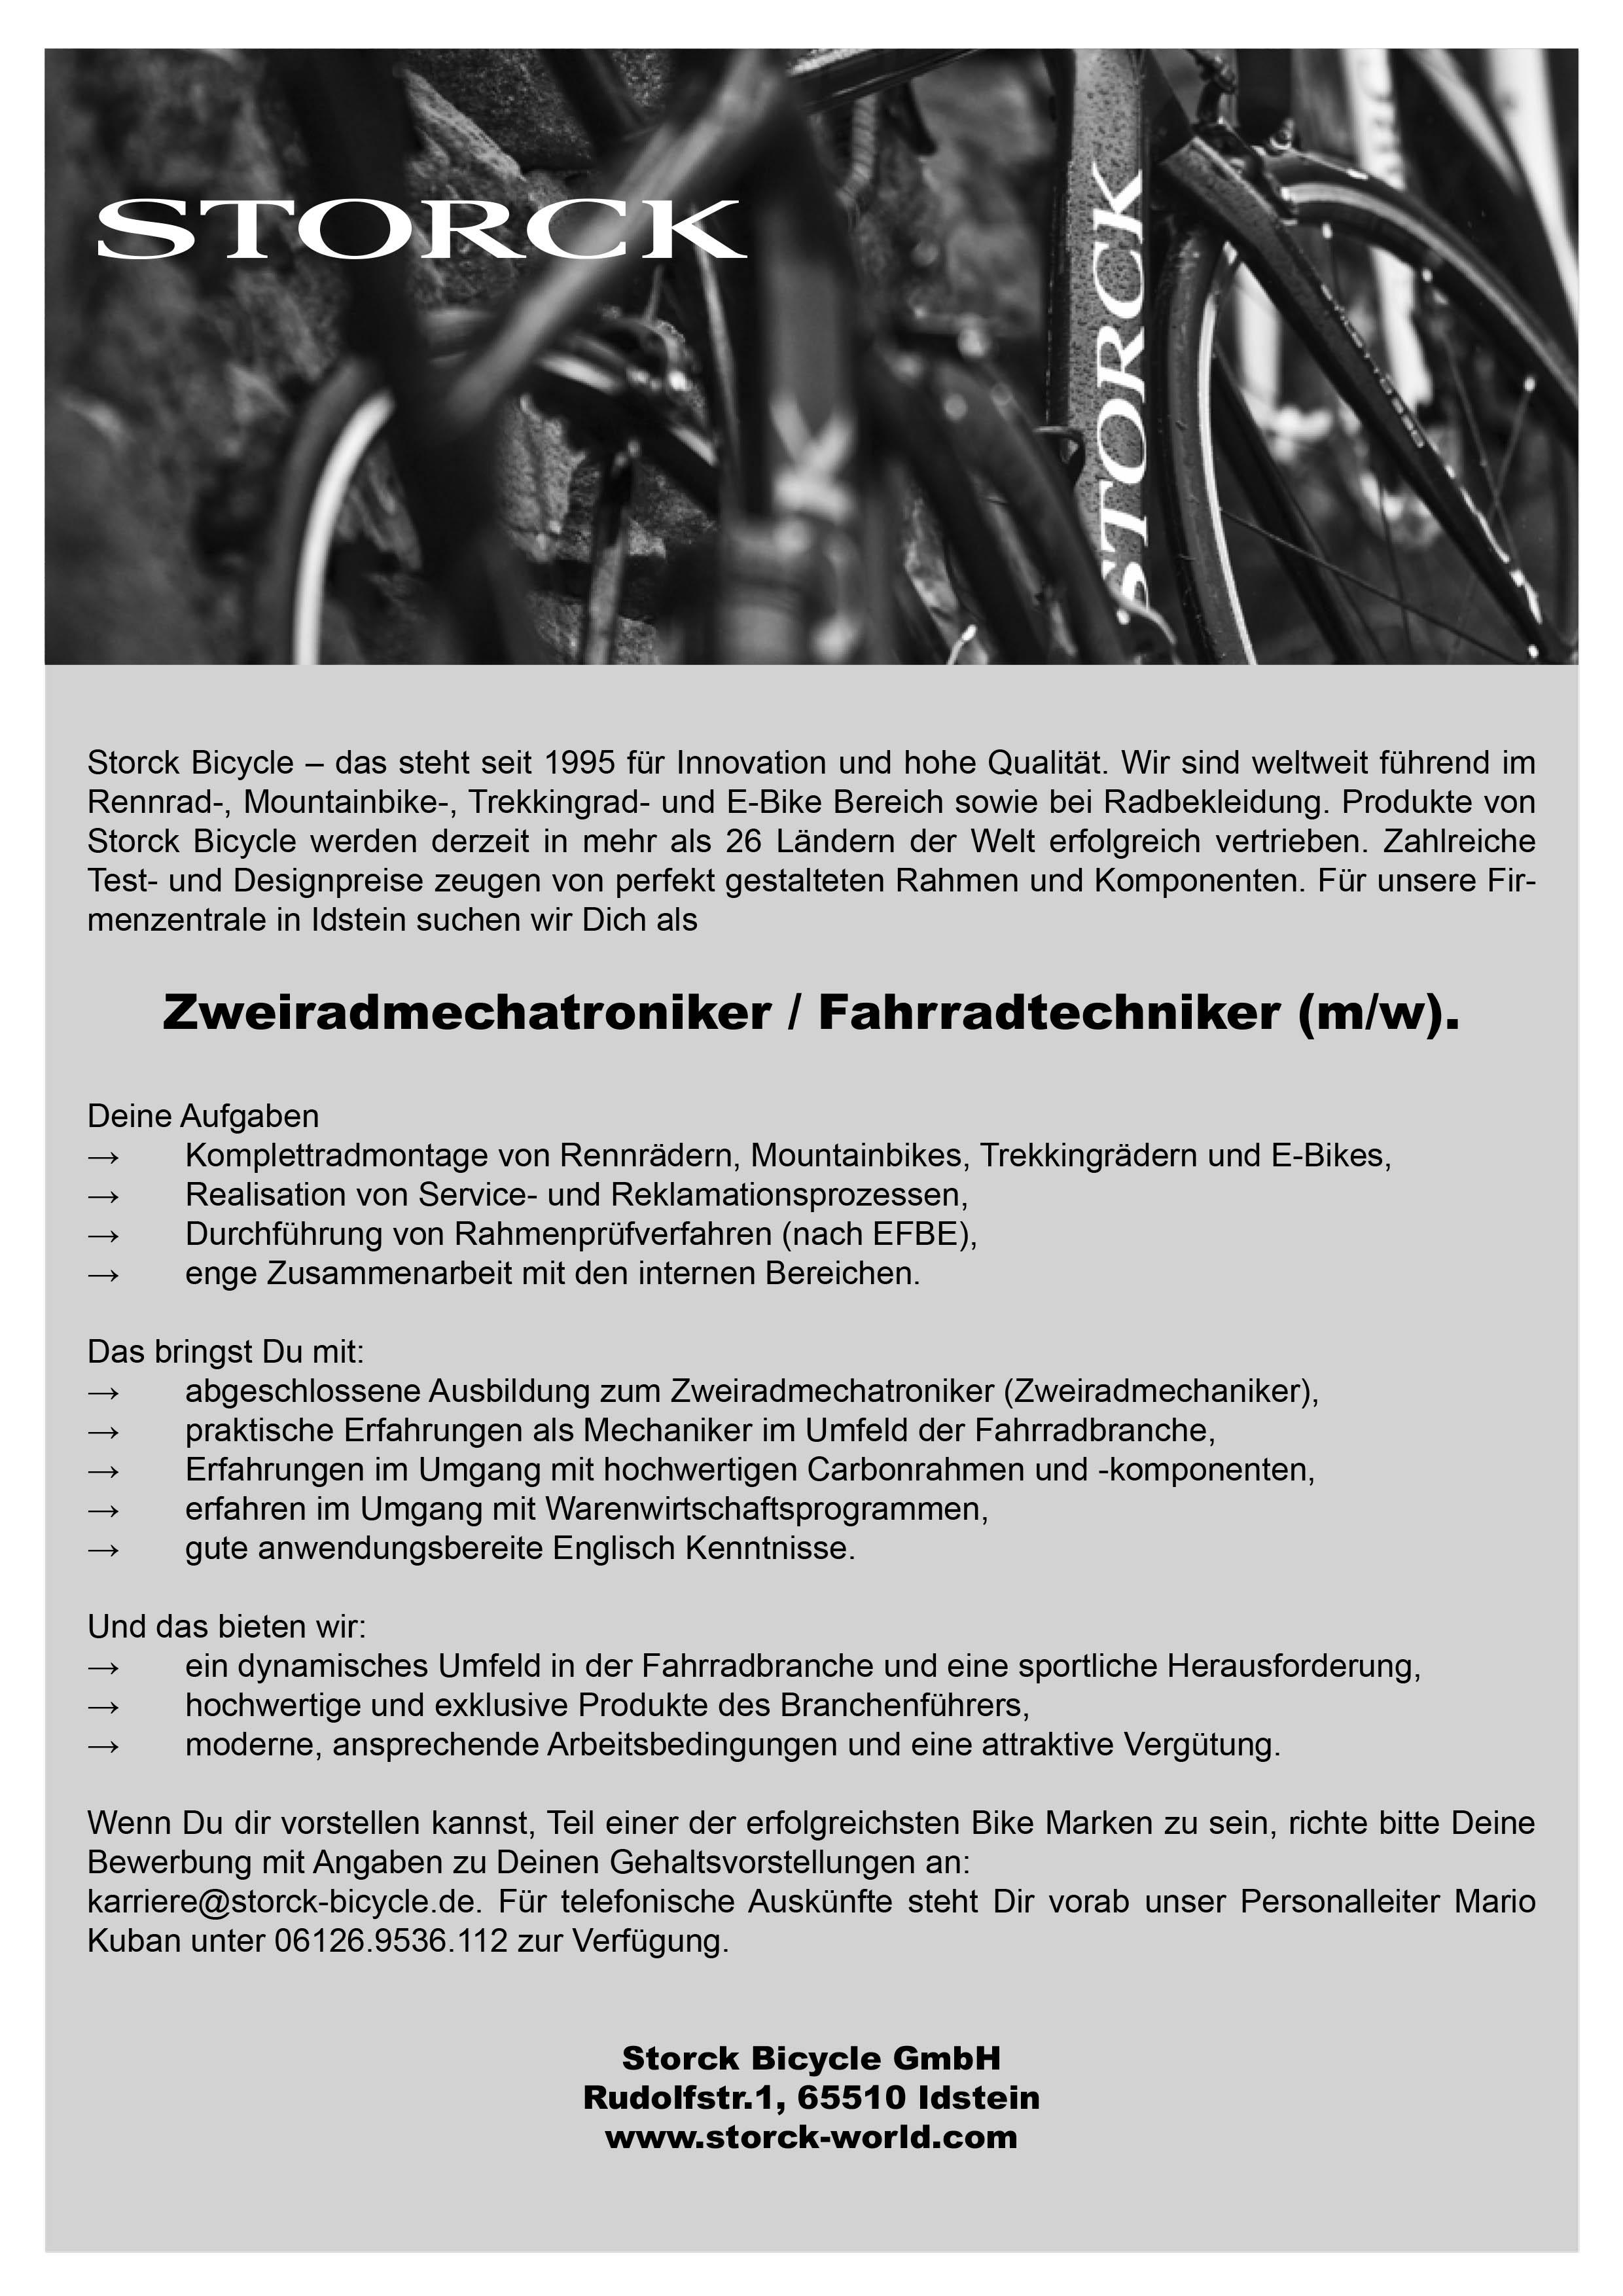 Zweiradmechatroniker/Fahrradtechniker (m/w)